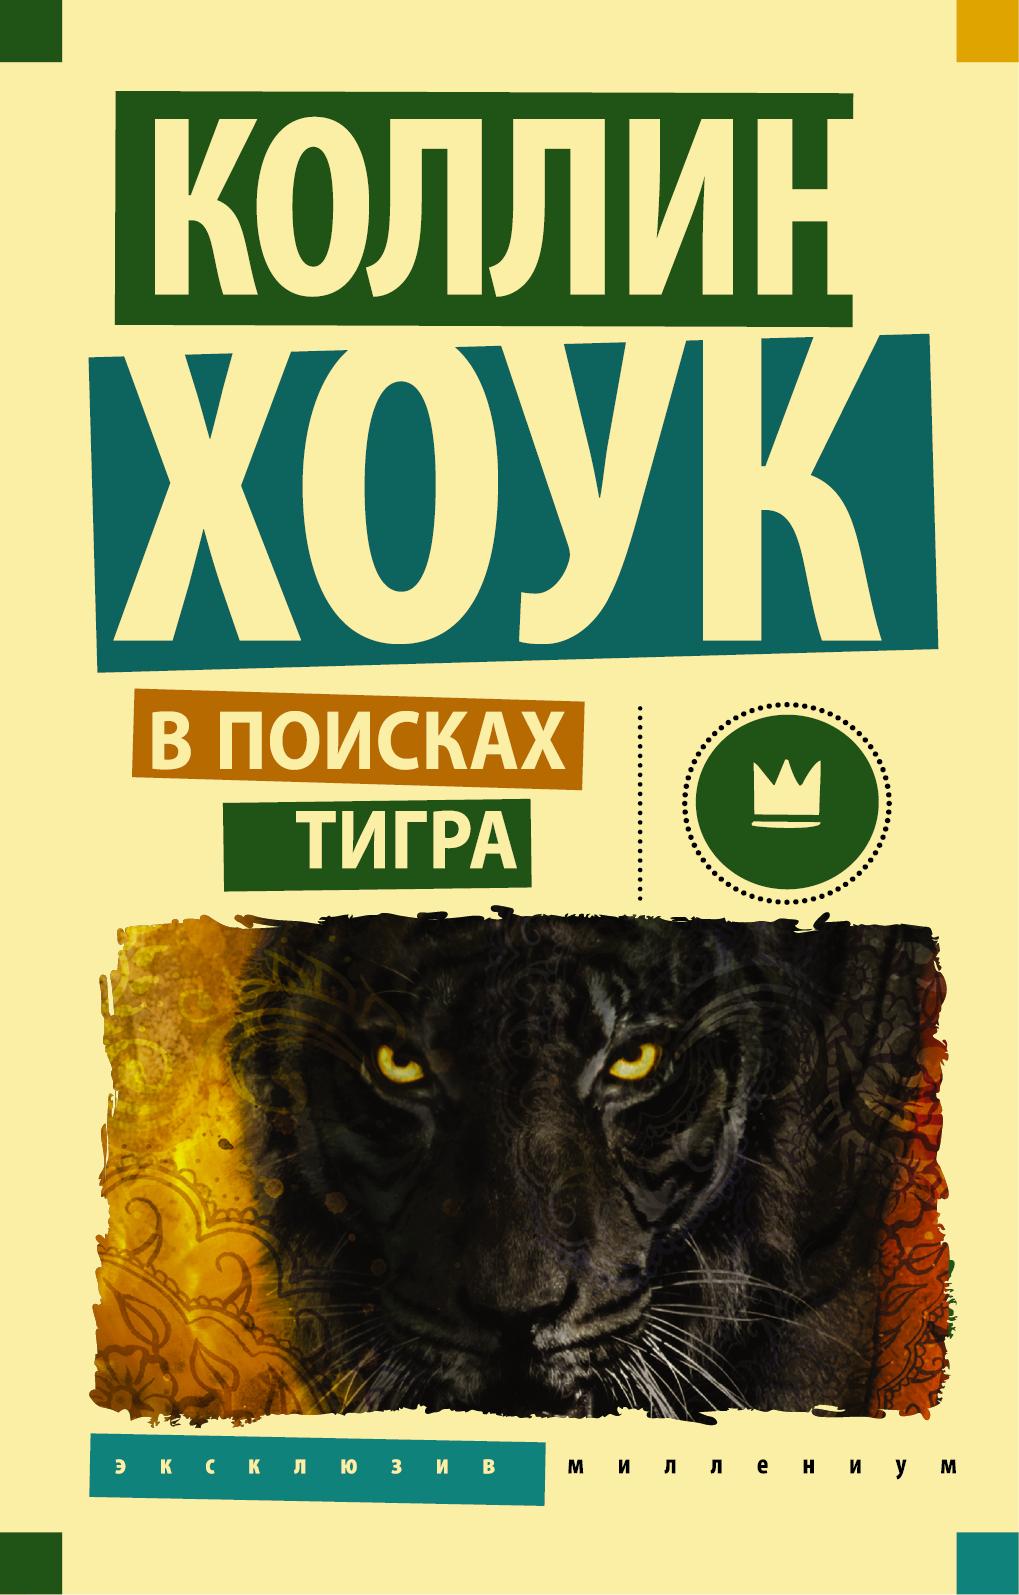 Хоук Коллин В поисках тигра хоук к в поисках тигра